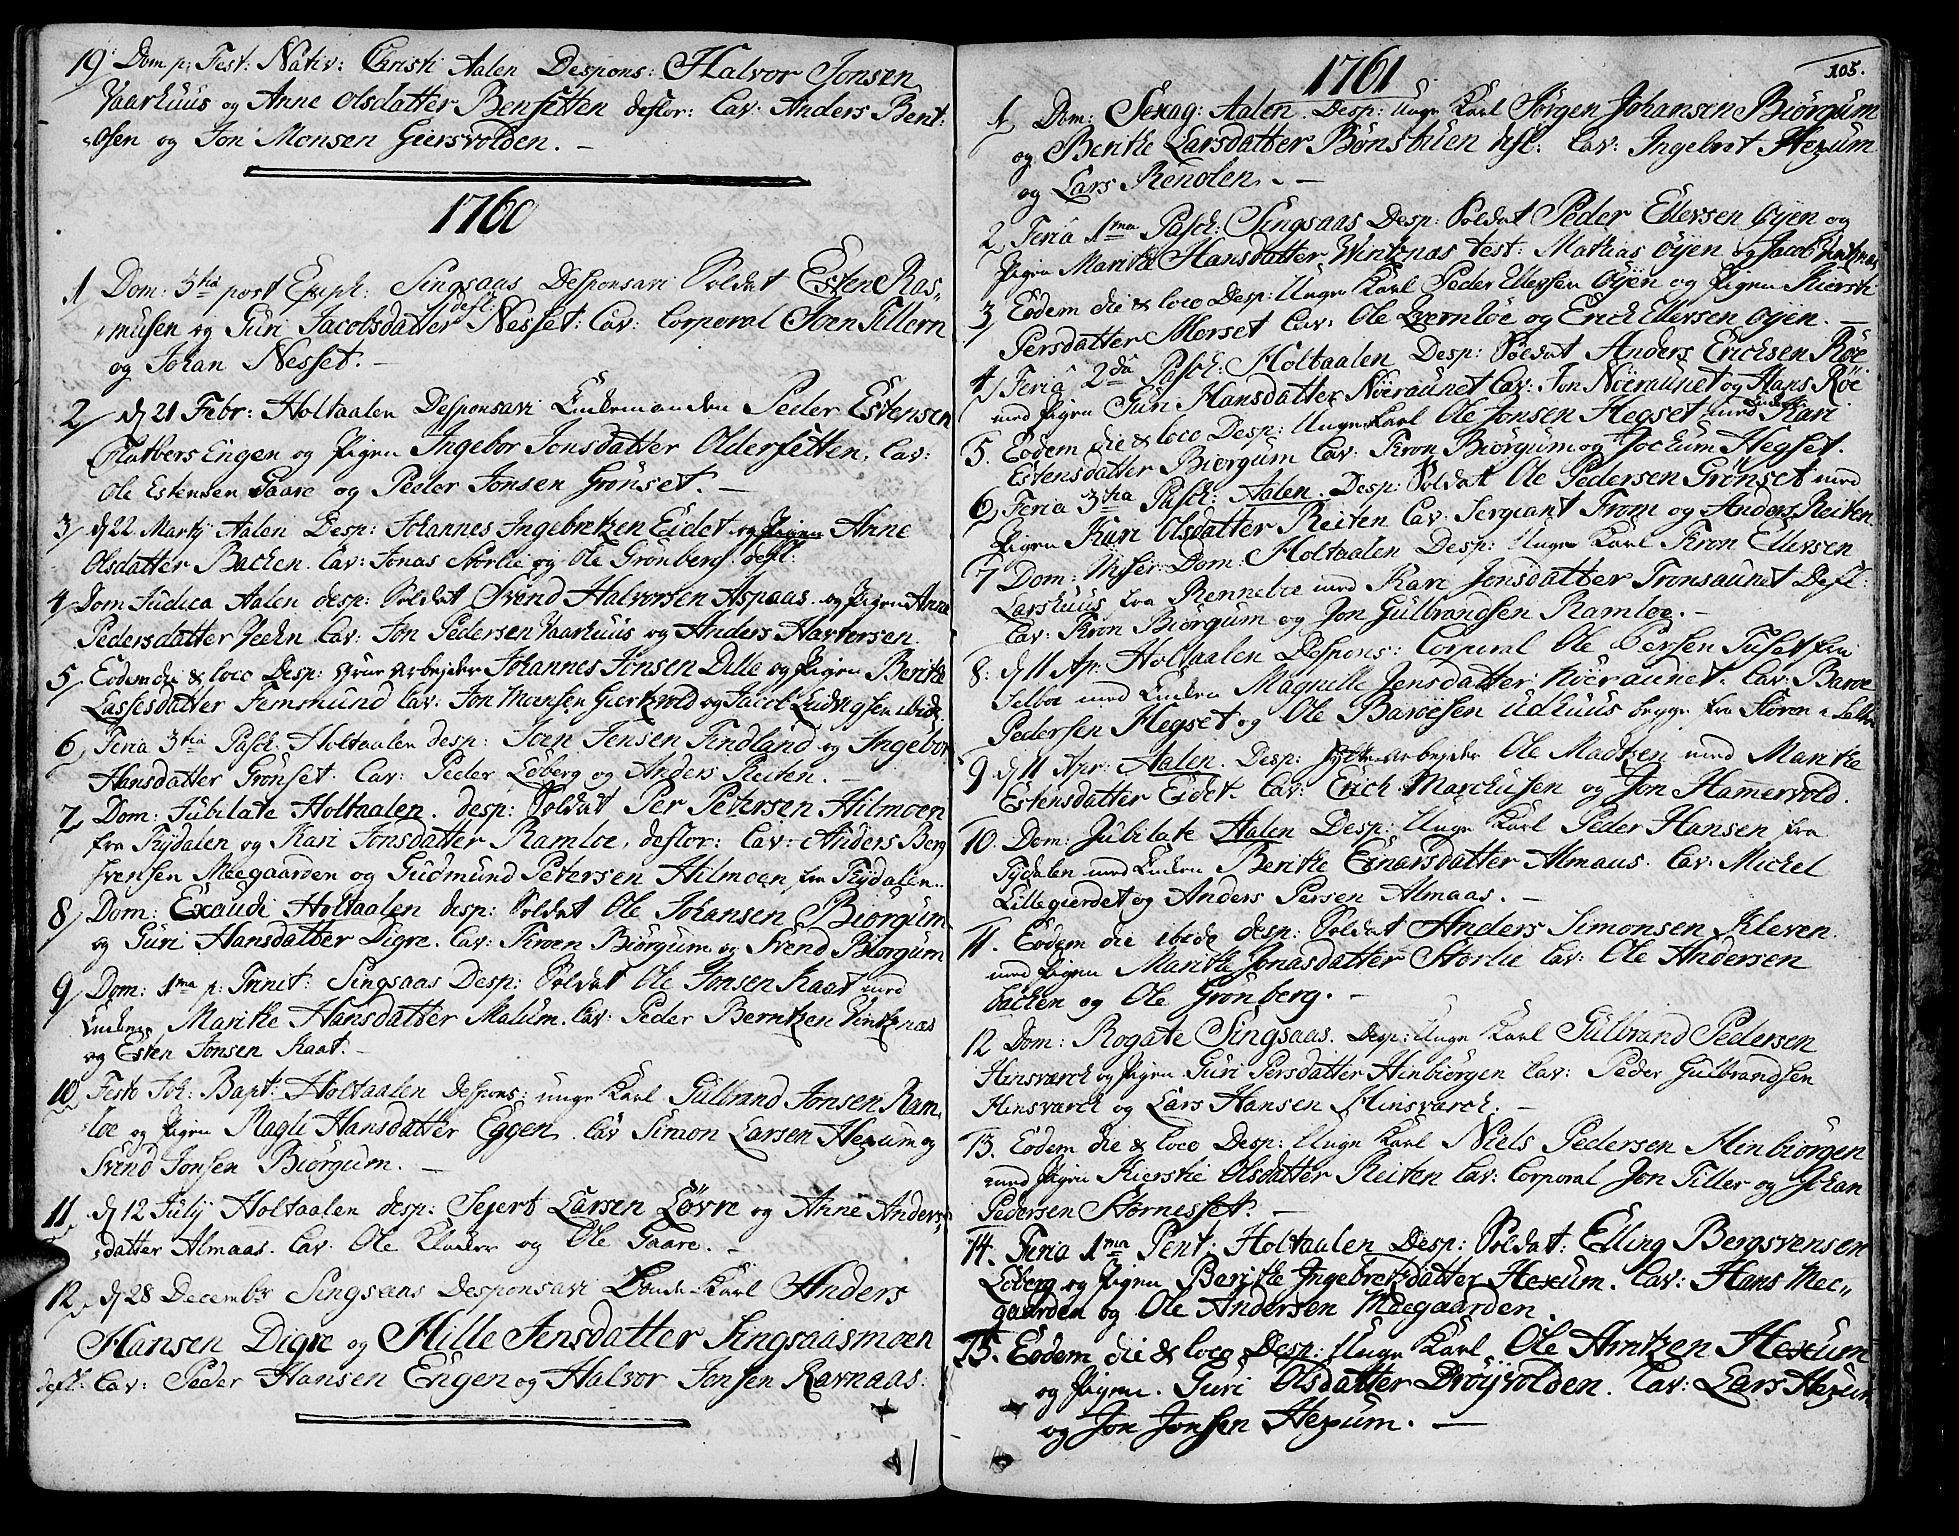 SAT, Ministerialprotokoller, klokkerbøker og fødselsregistre - Sør-Trøndelag, 685/L0952: Ministerialbok nr. 685A01, 1745-1804, s. 105